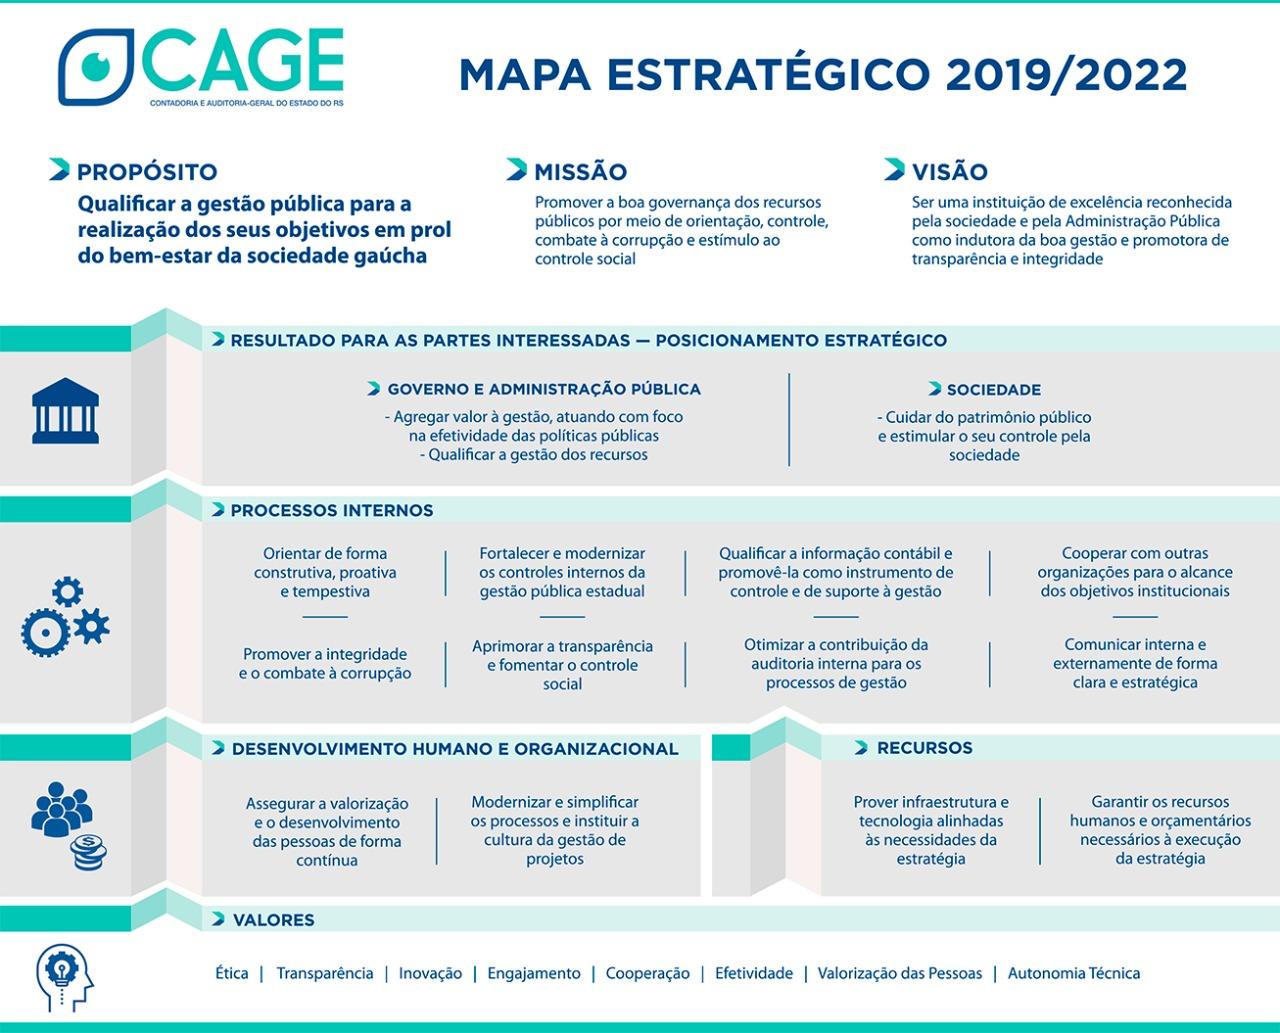 Mapa Estratégico da CAGE 2019 2022